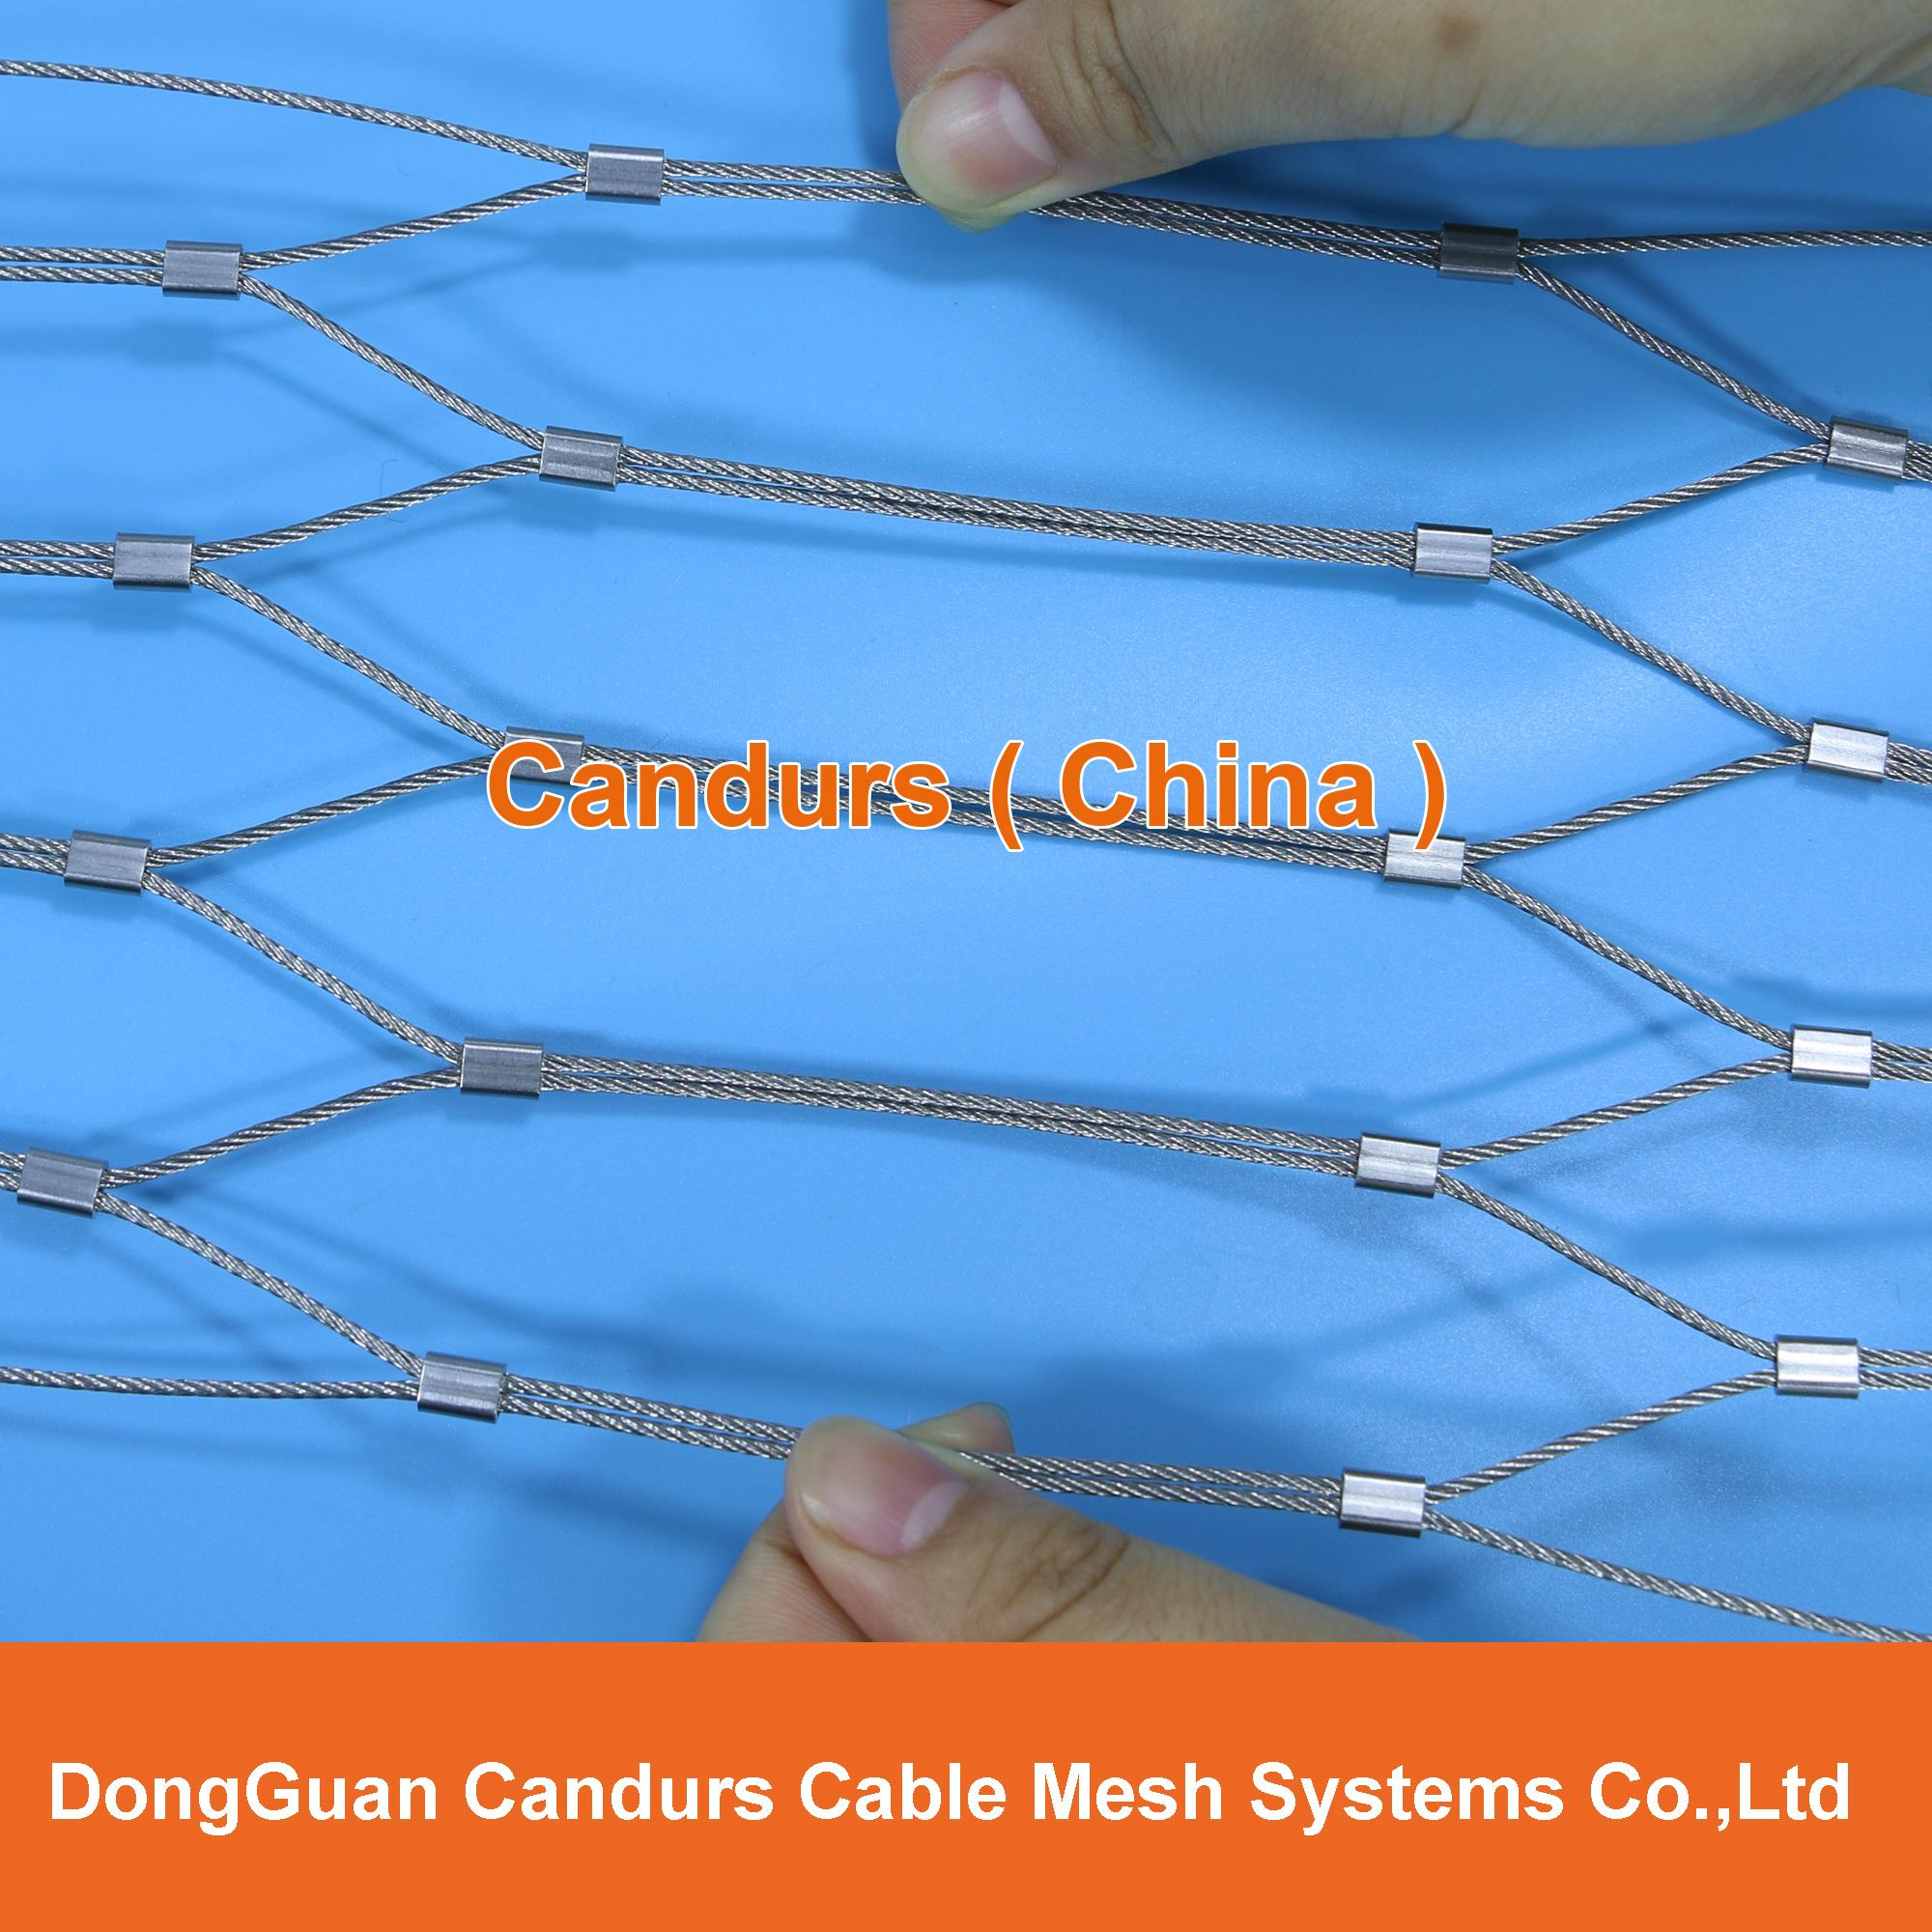 套环网-不锈钢丝绳套环网 6